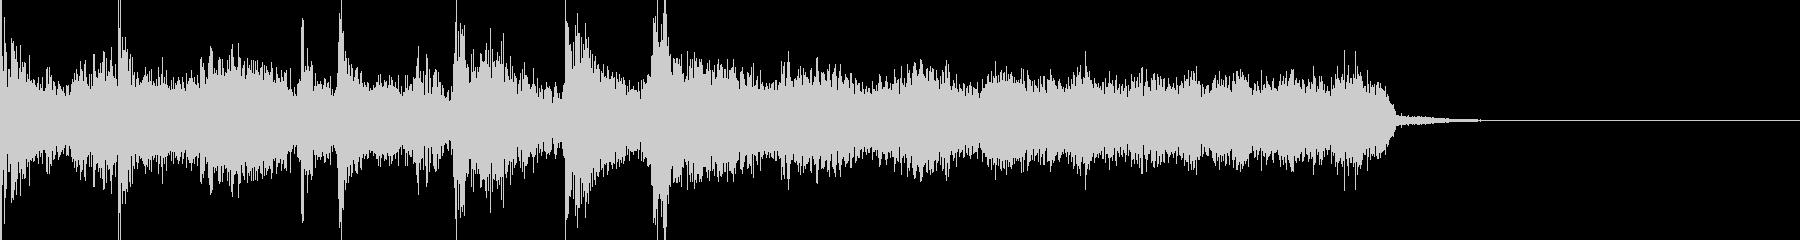 ジャズ風でオシャレなジングルの未再生の波形